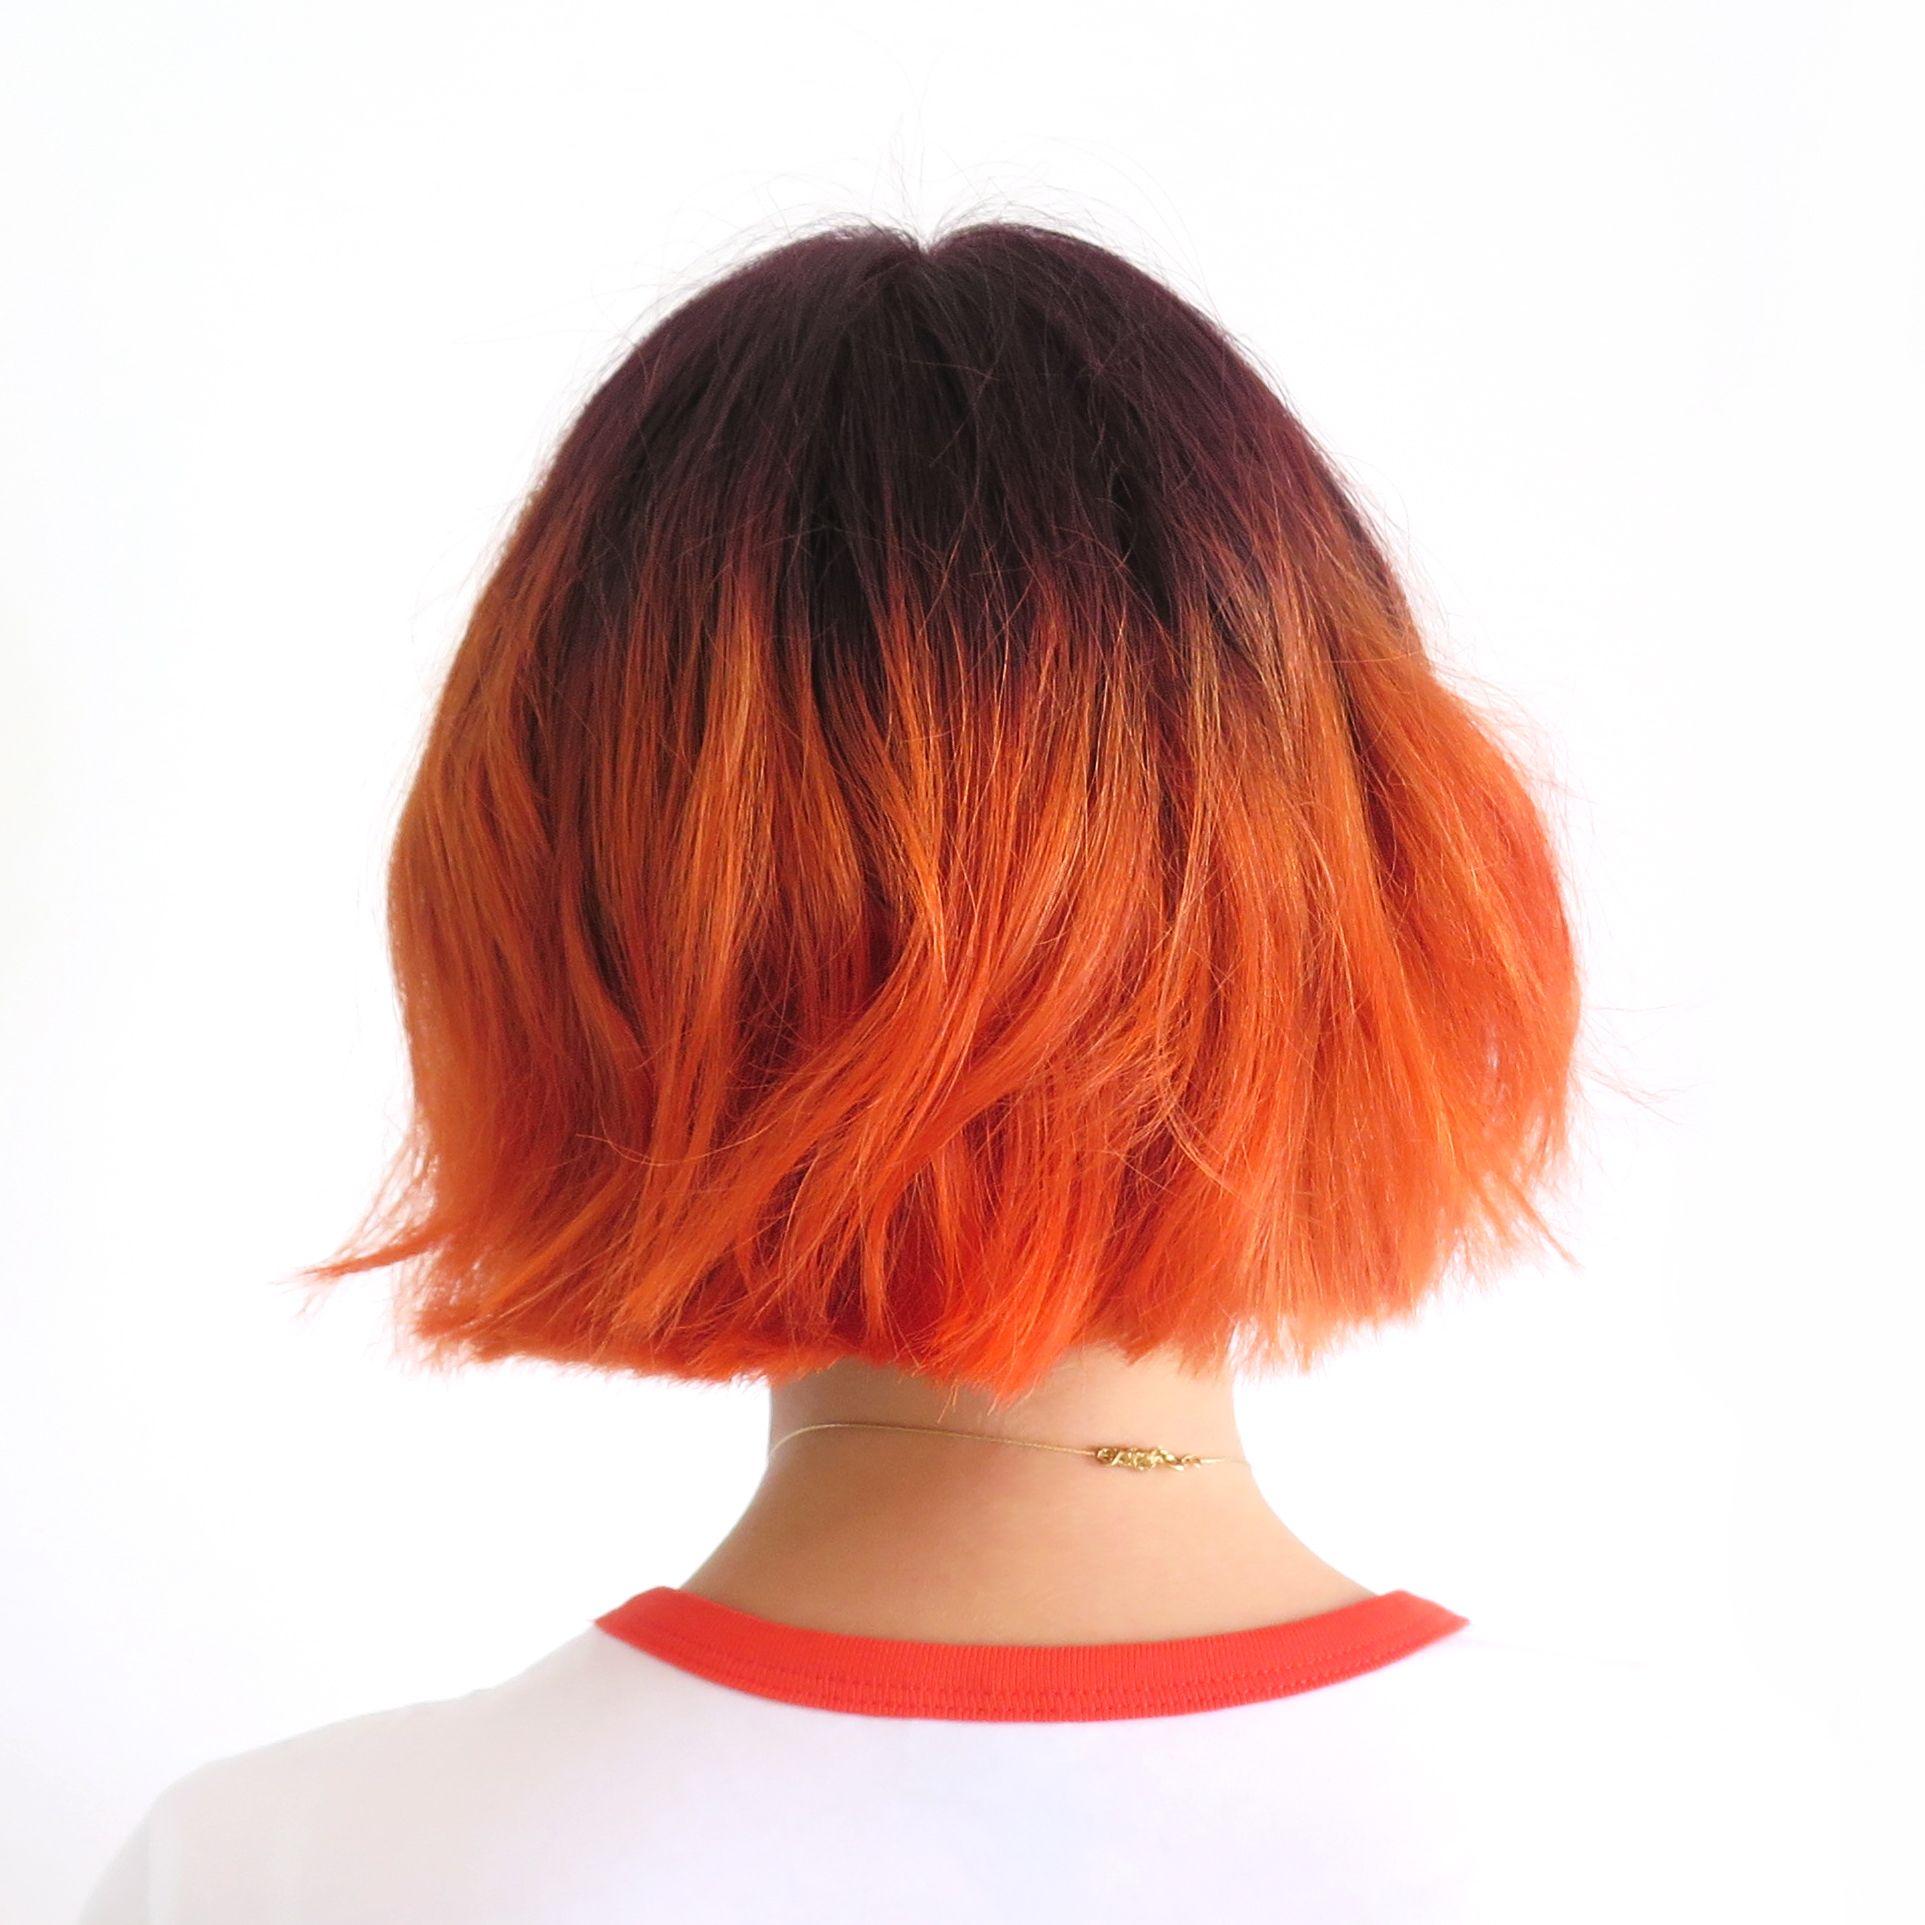 Омбре на рыжие короткие волосы